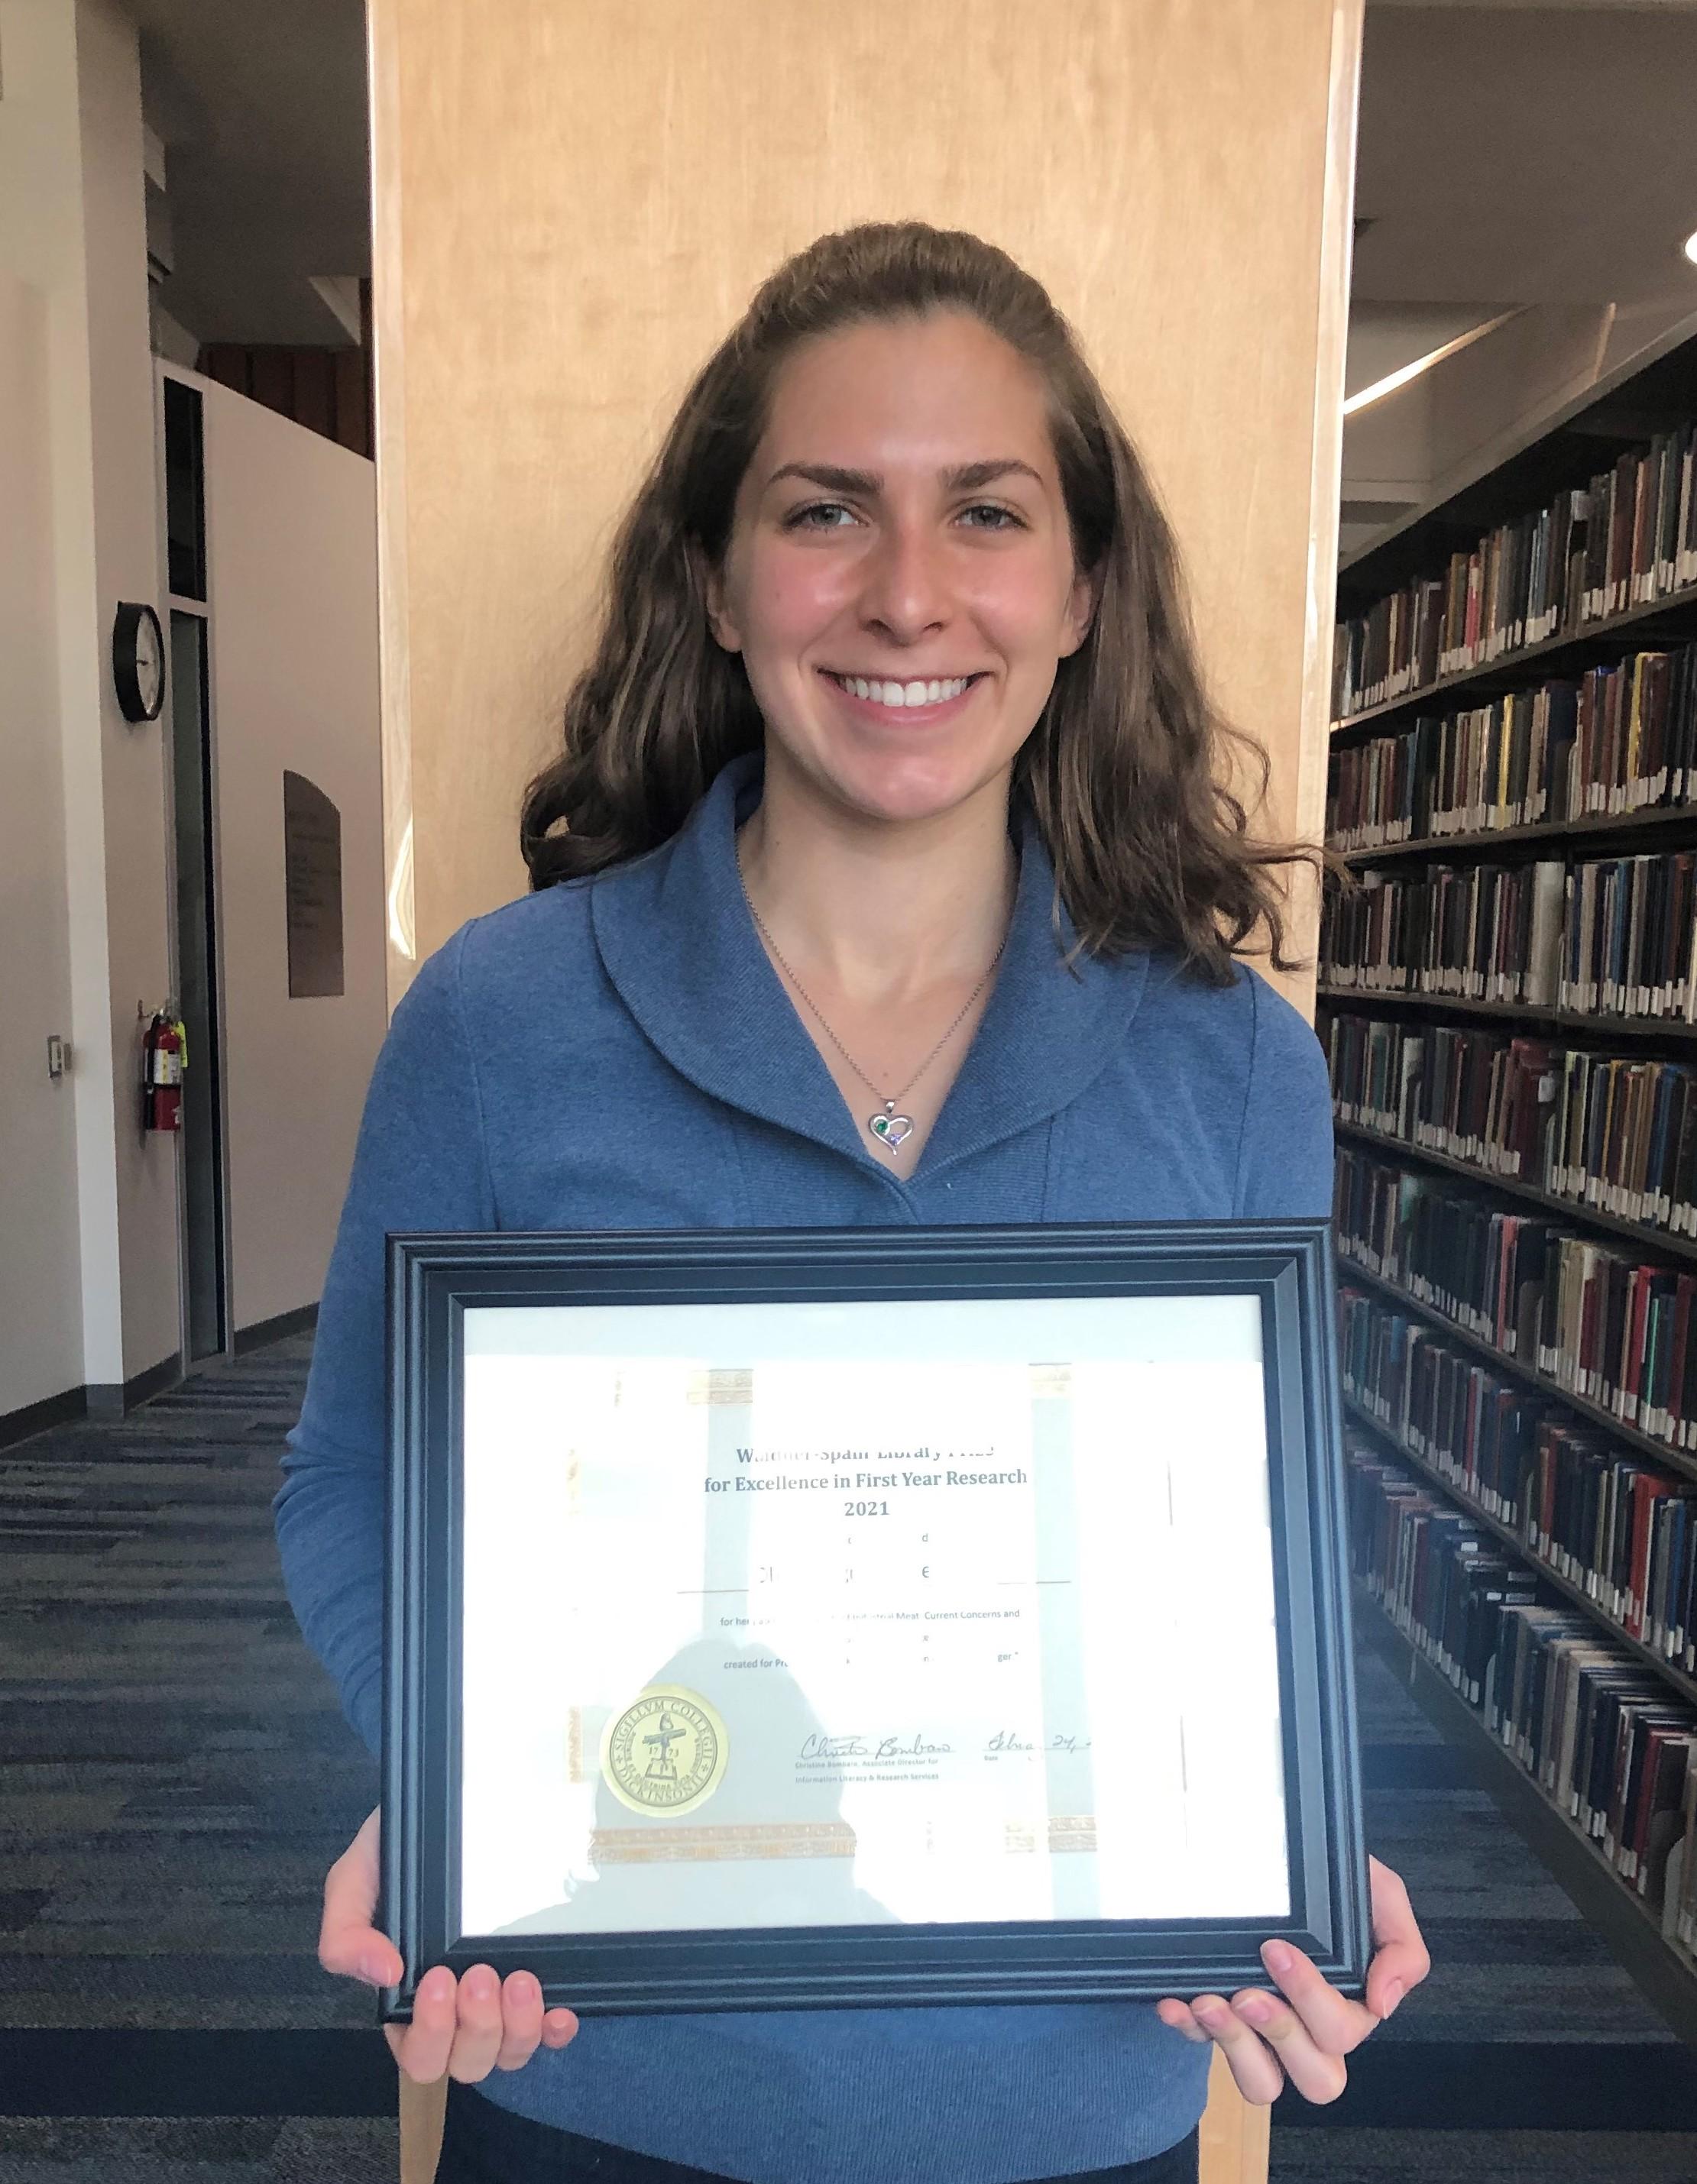 Olivia Oligny-Leggett holding her certificate